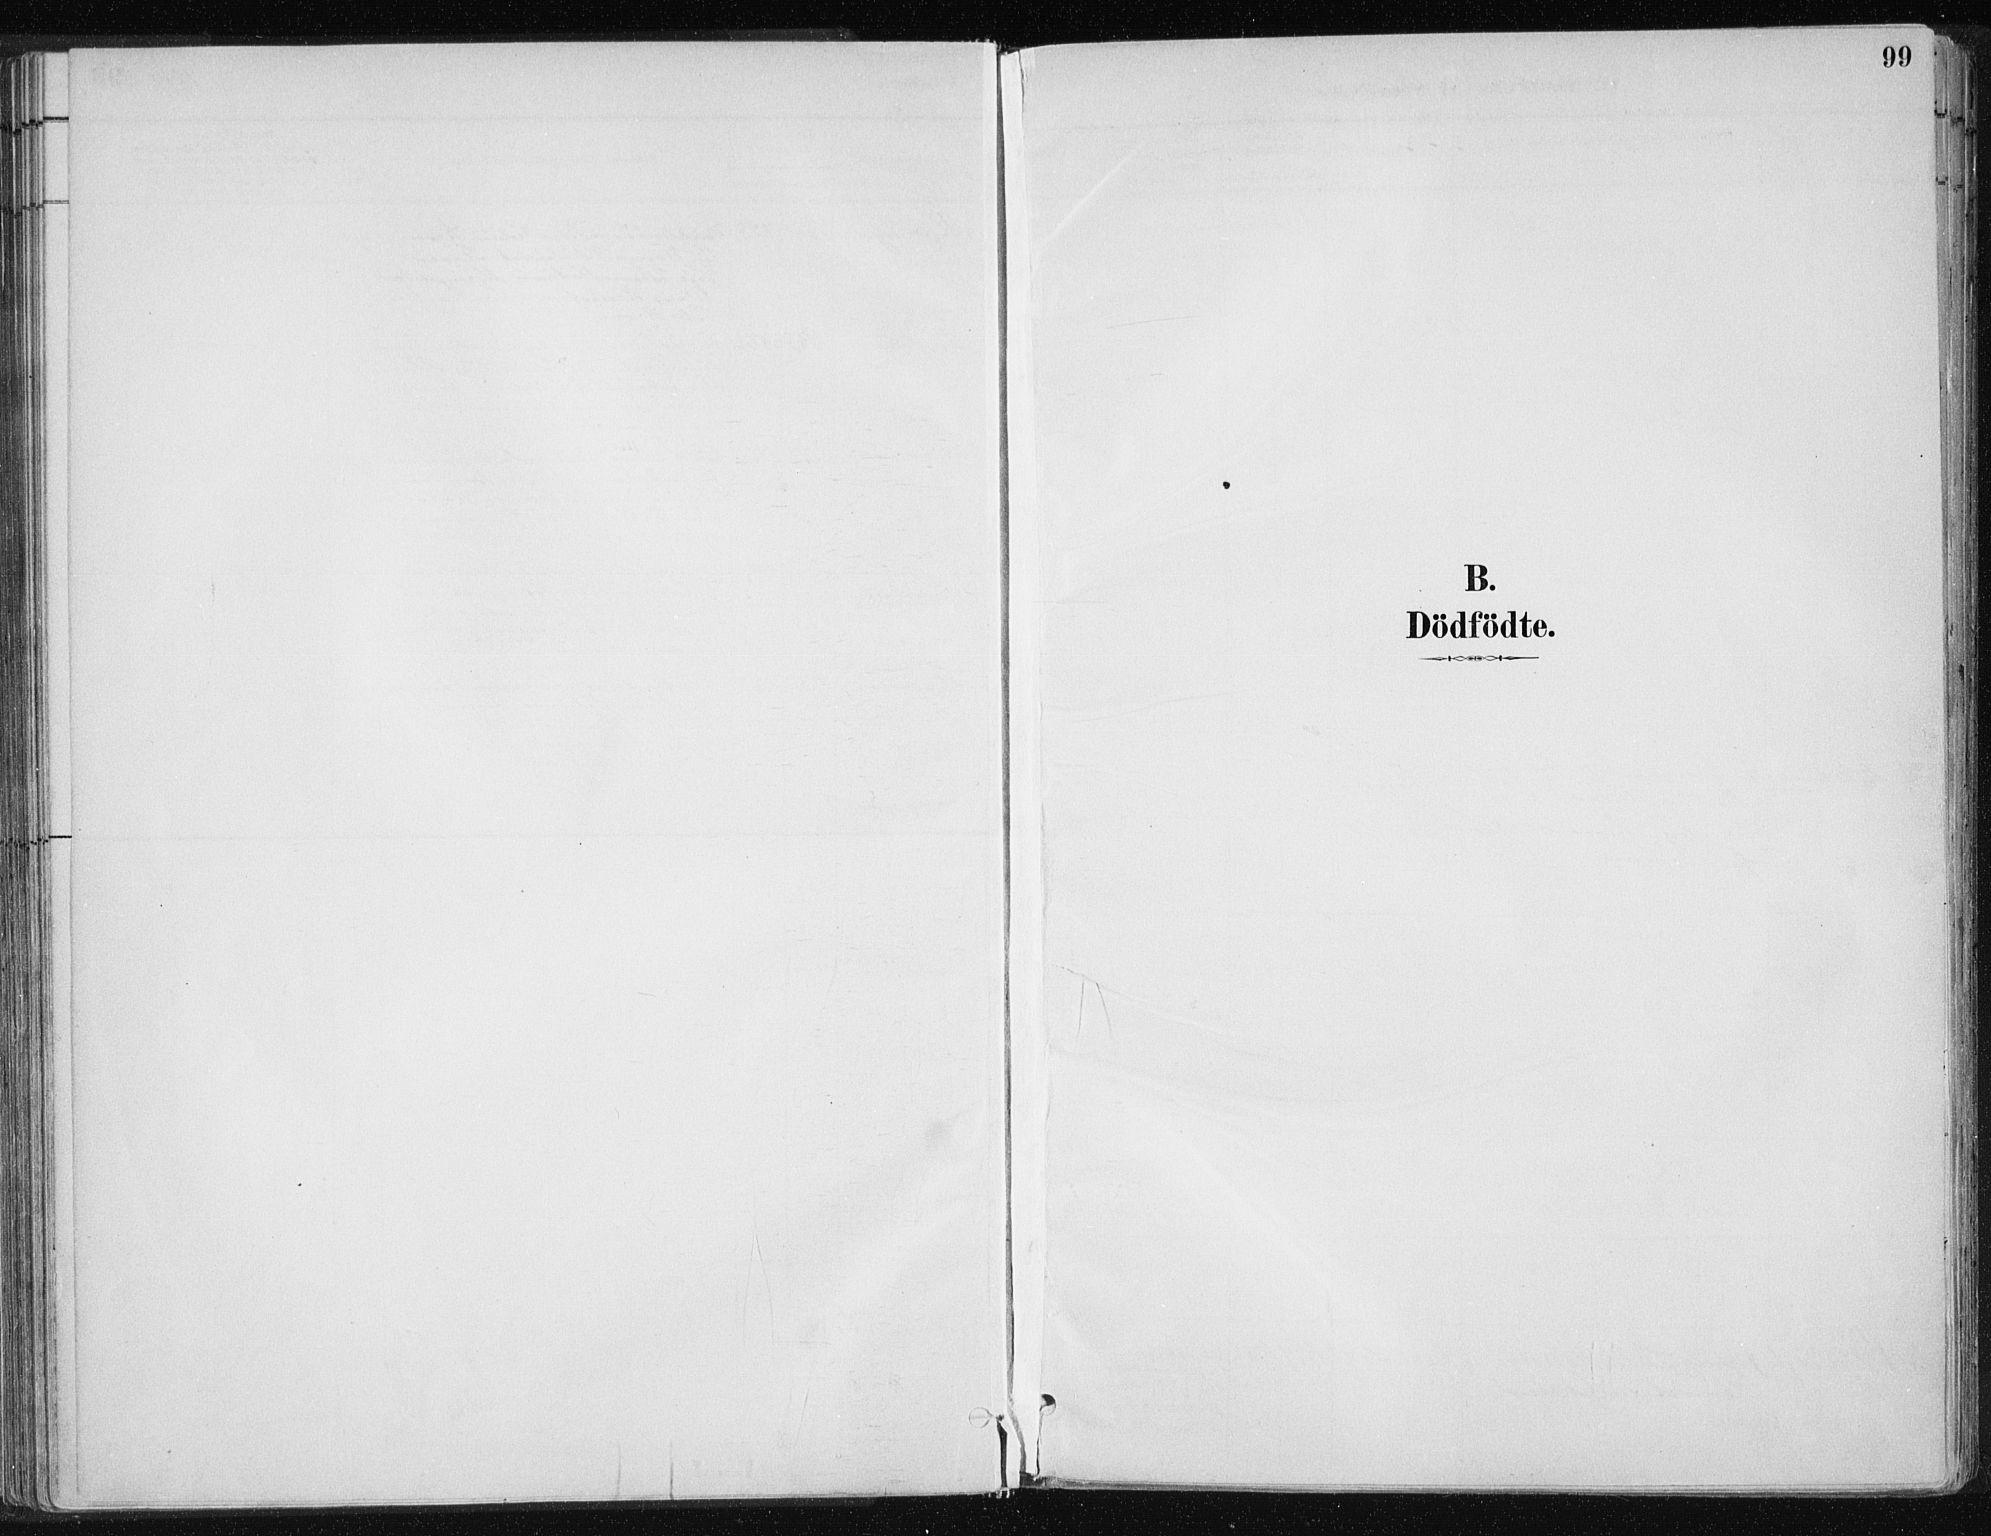 SAT, Ministerialprotokoller, klokkerbøker og fødselsregistre - Nord-Trøndelag, 701/L0010: Ministerialbok nr. 701A10, 1883-1899, s. 99